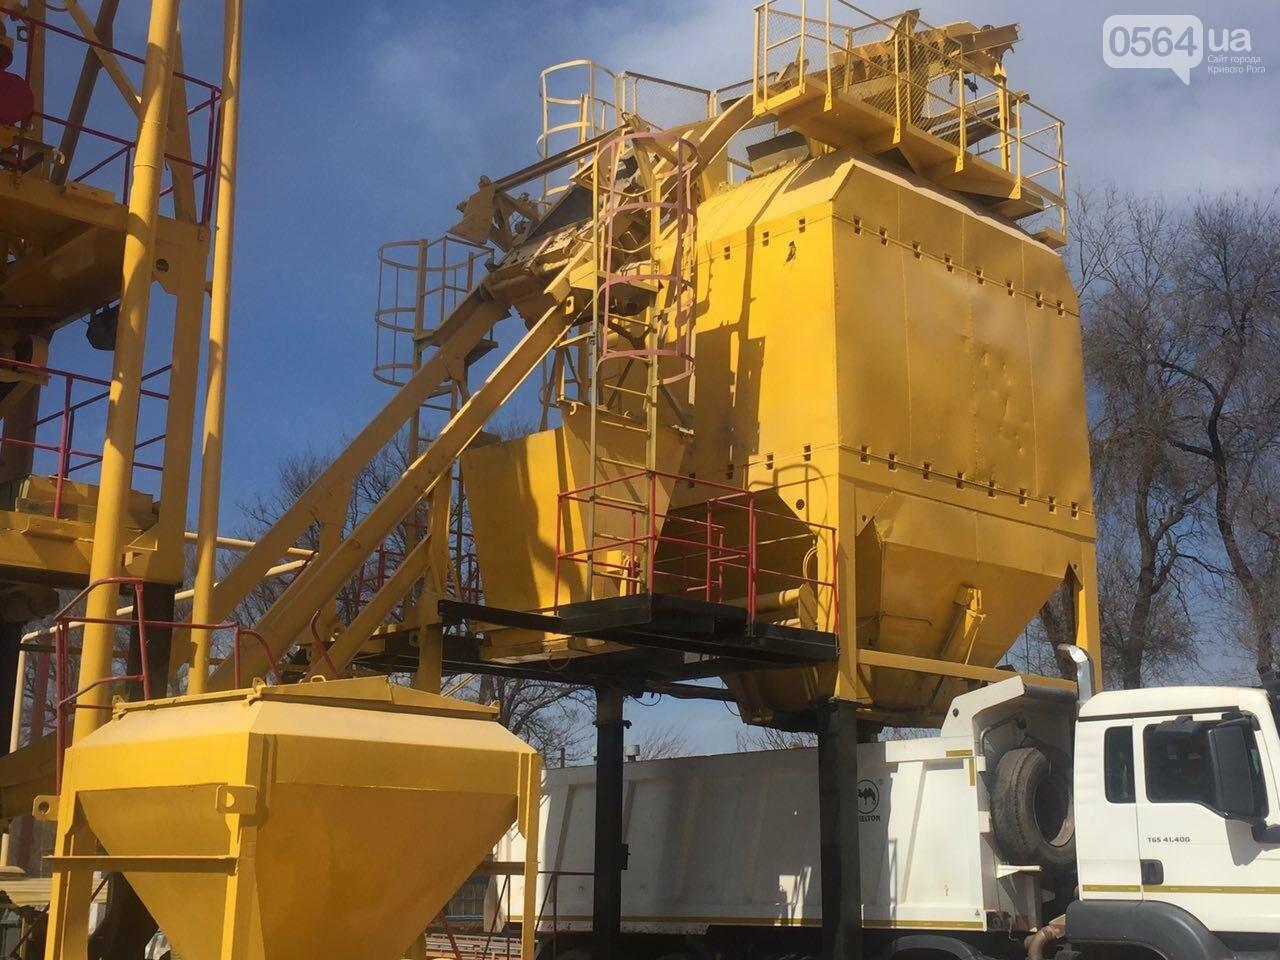 В Кривом Роге запустили первый асфальтный завод и рассказали о планах по ремонту дорог (ФОТО), фото-3